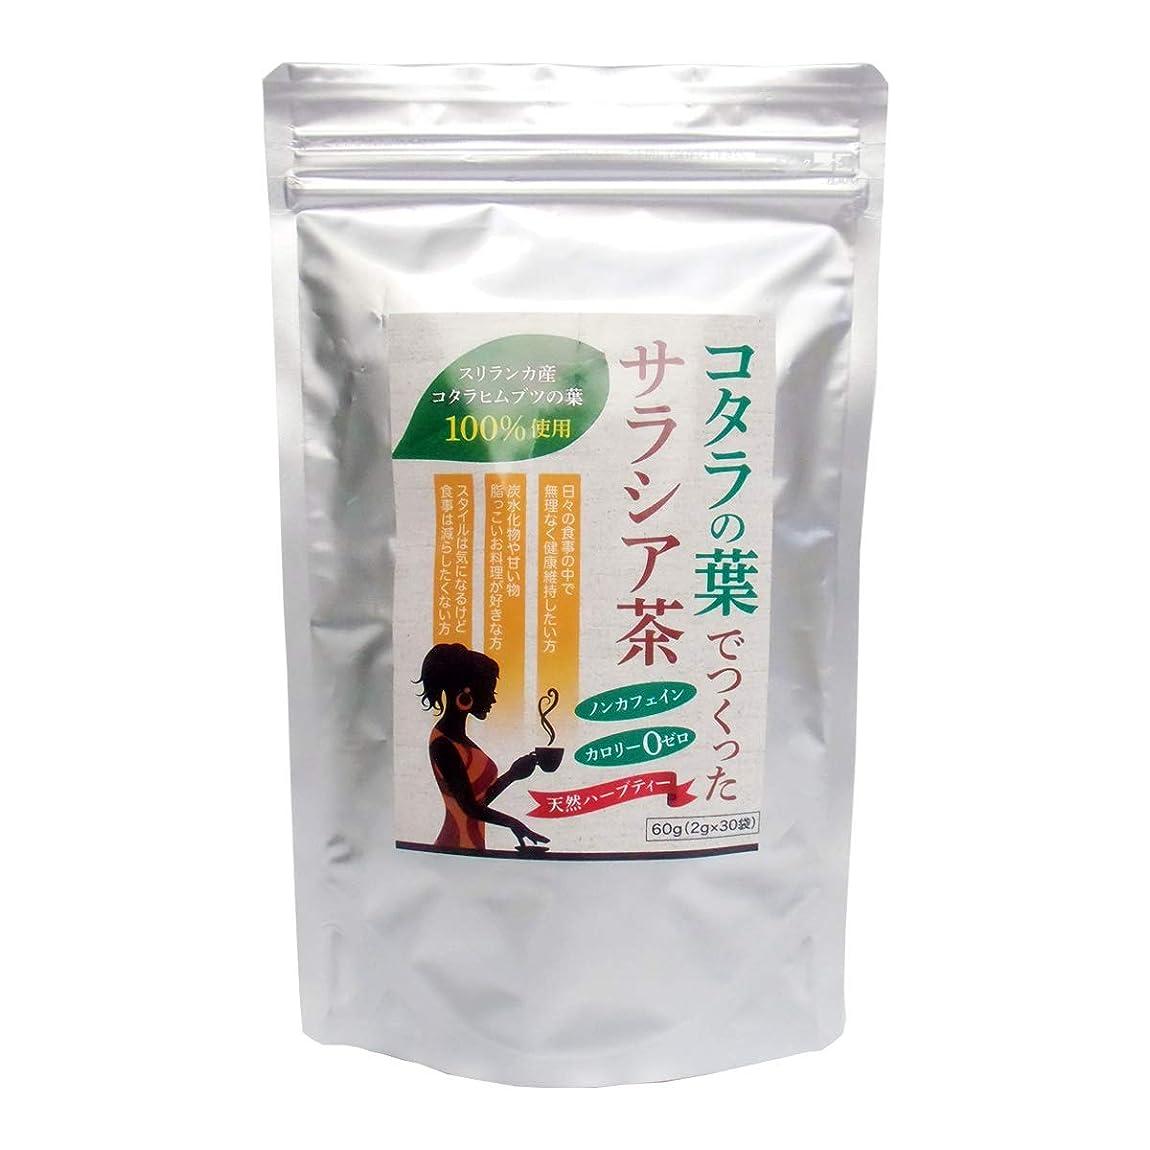 北方酸っぱい雪【初回限定お試し価格】コタラの葉でつくったサラシア茶 (茶葉タイプ) 60g (2g×30袋)